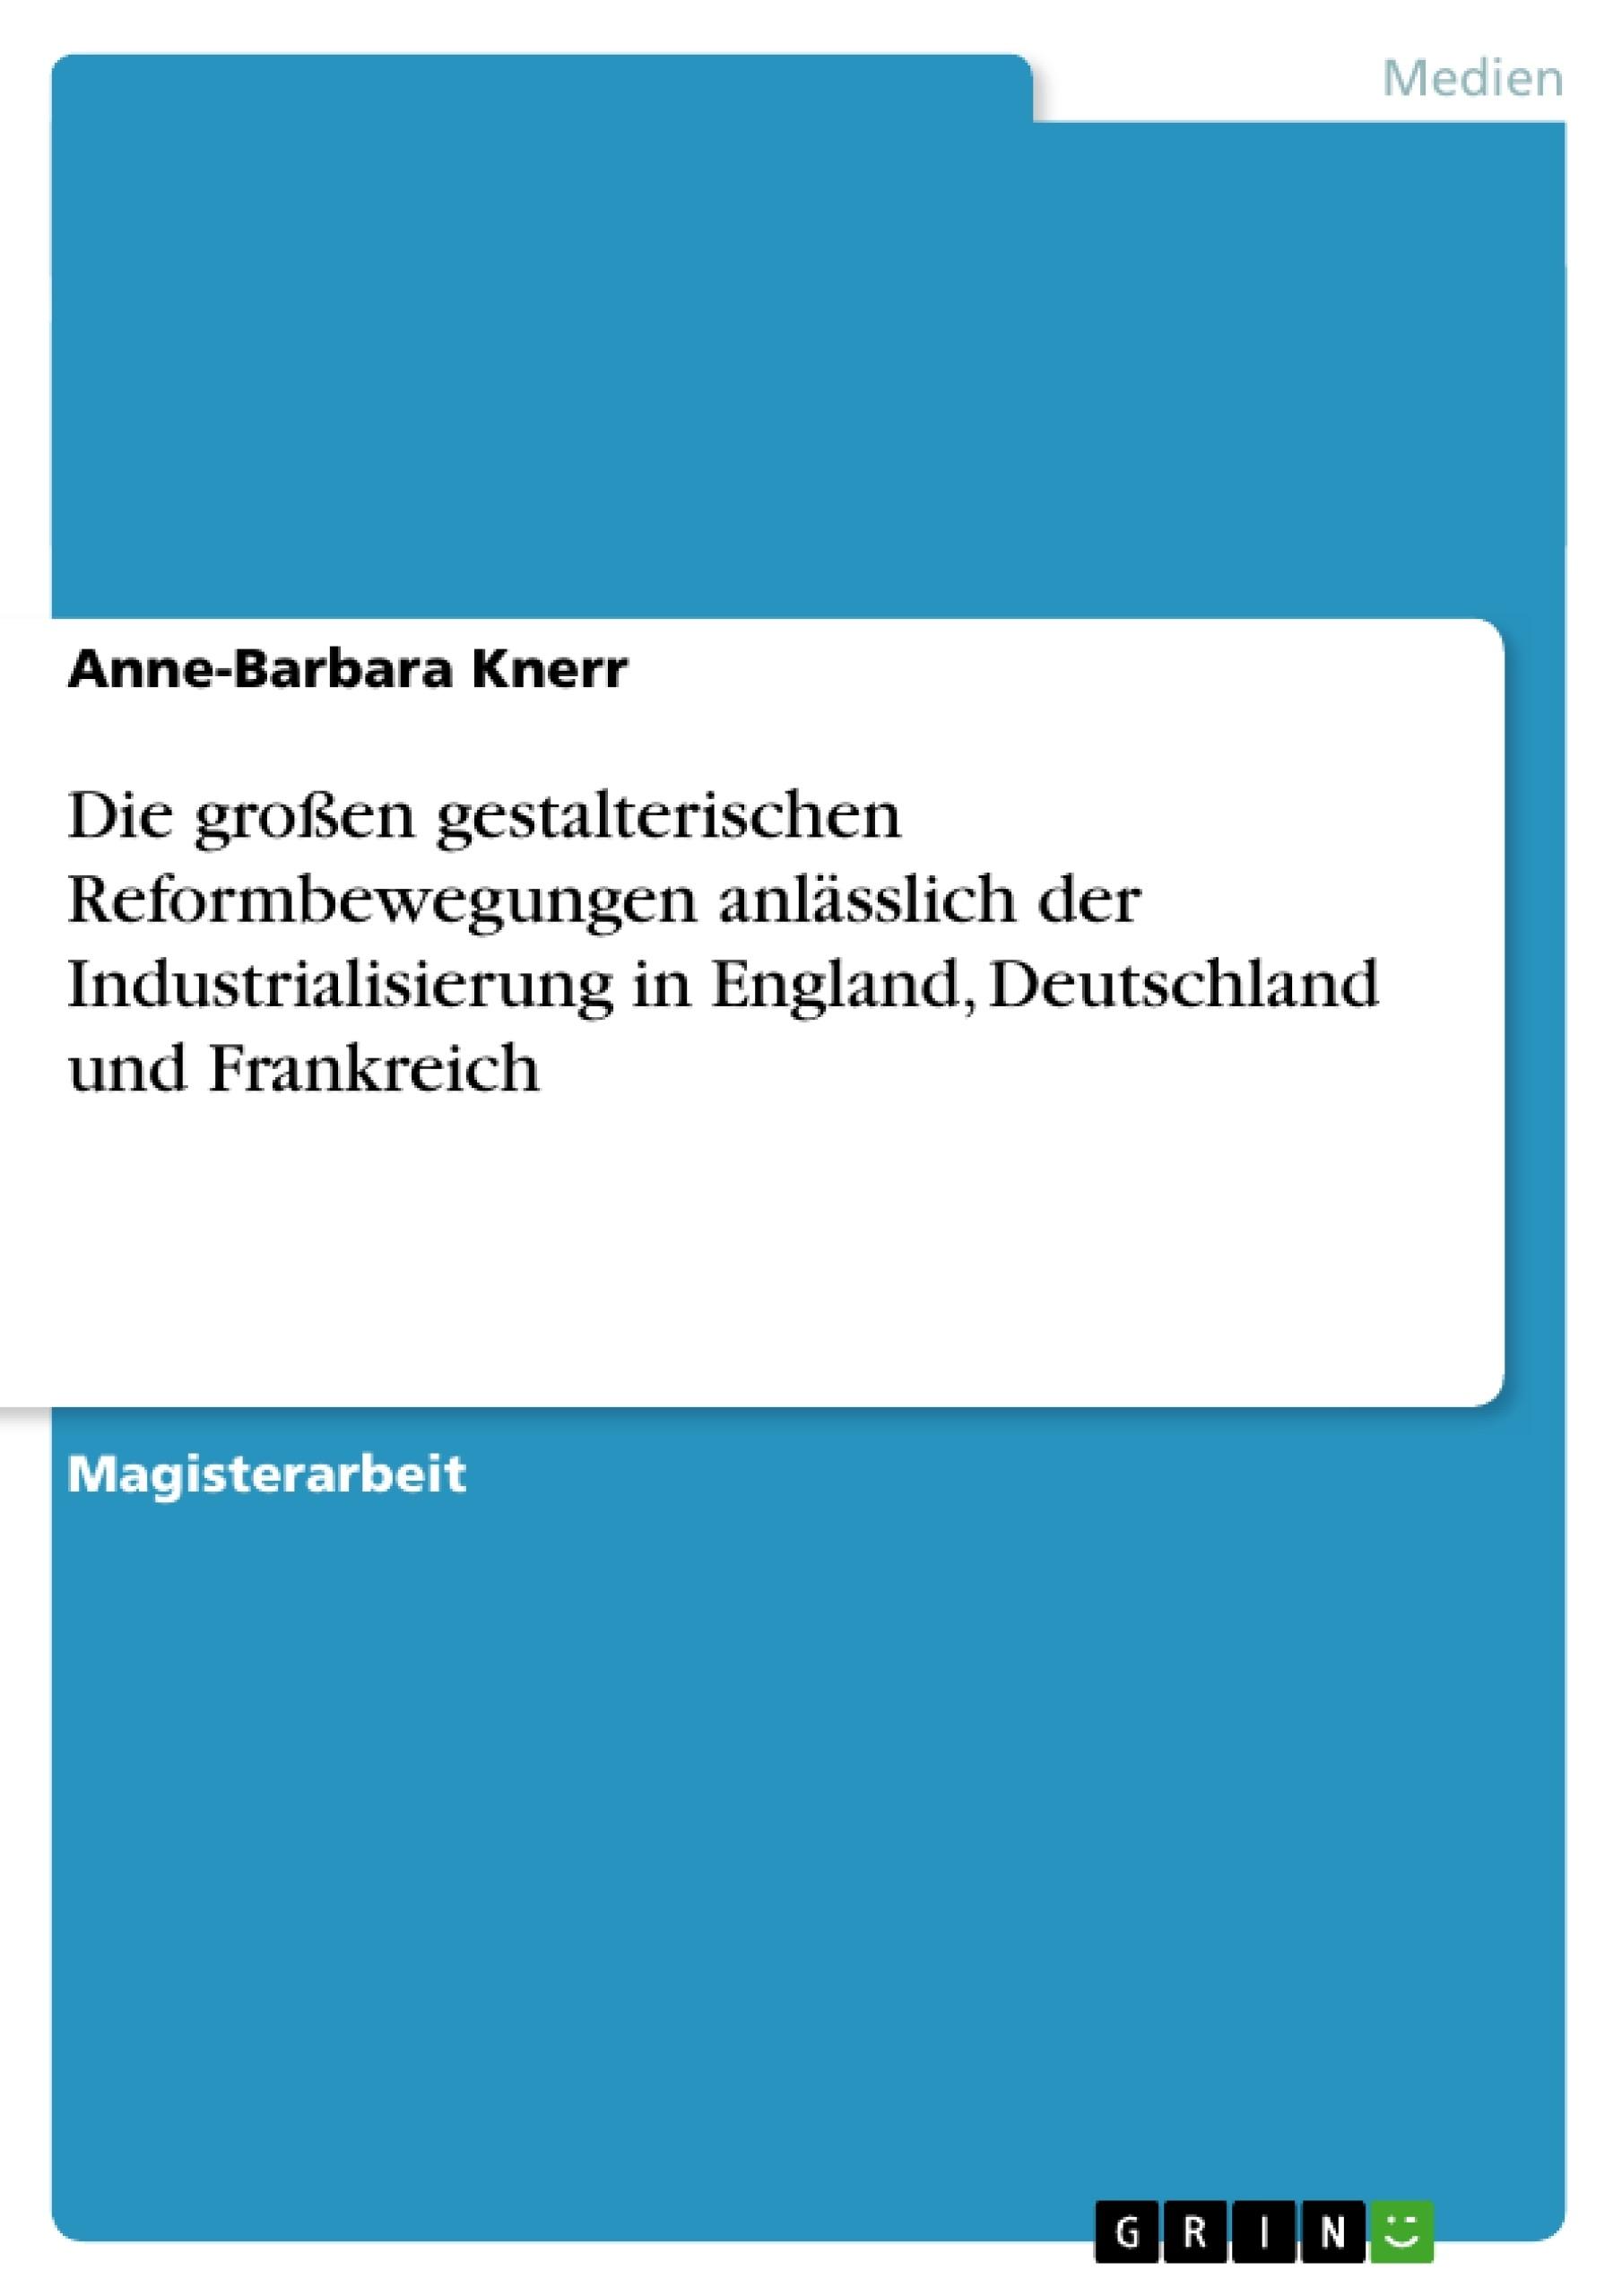 Titel: Die großen gestalterischen Reformbewegungen anlässlich der Industrialisierung in England, Deutschland und Frankreich